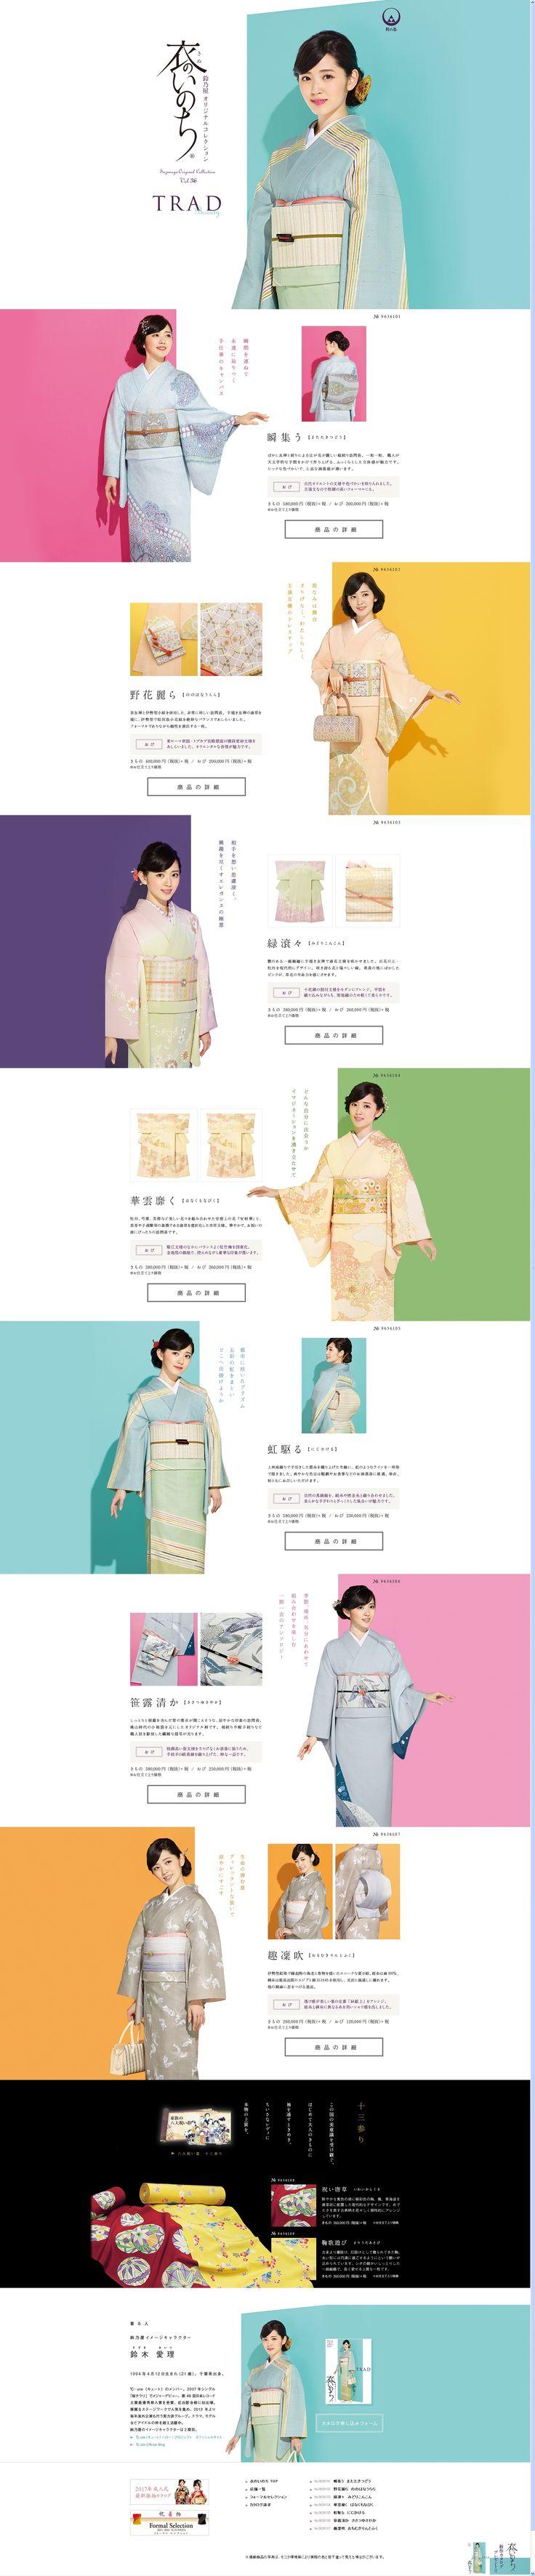 铃乃屋!日本手工制作的时尚女性和服服饰酷站。酷站截图欣赏-编号:9001970